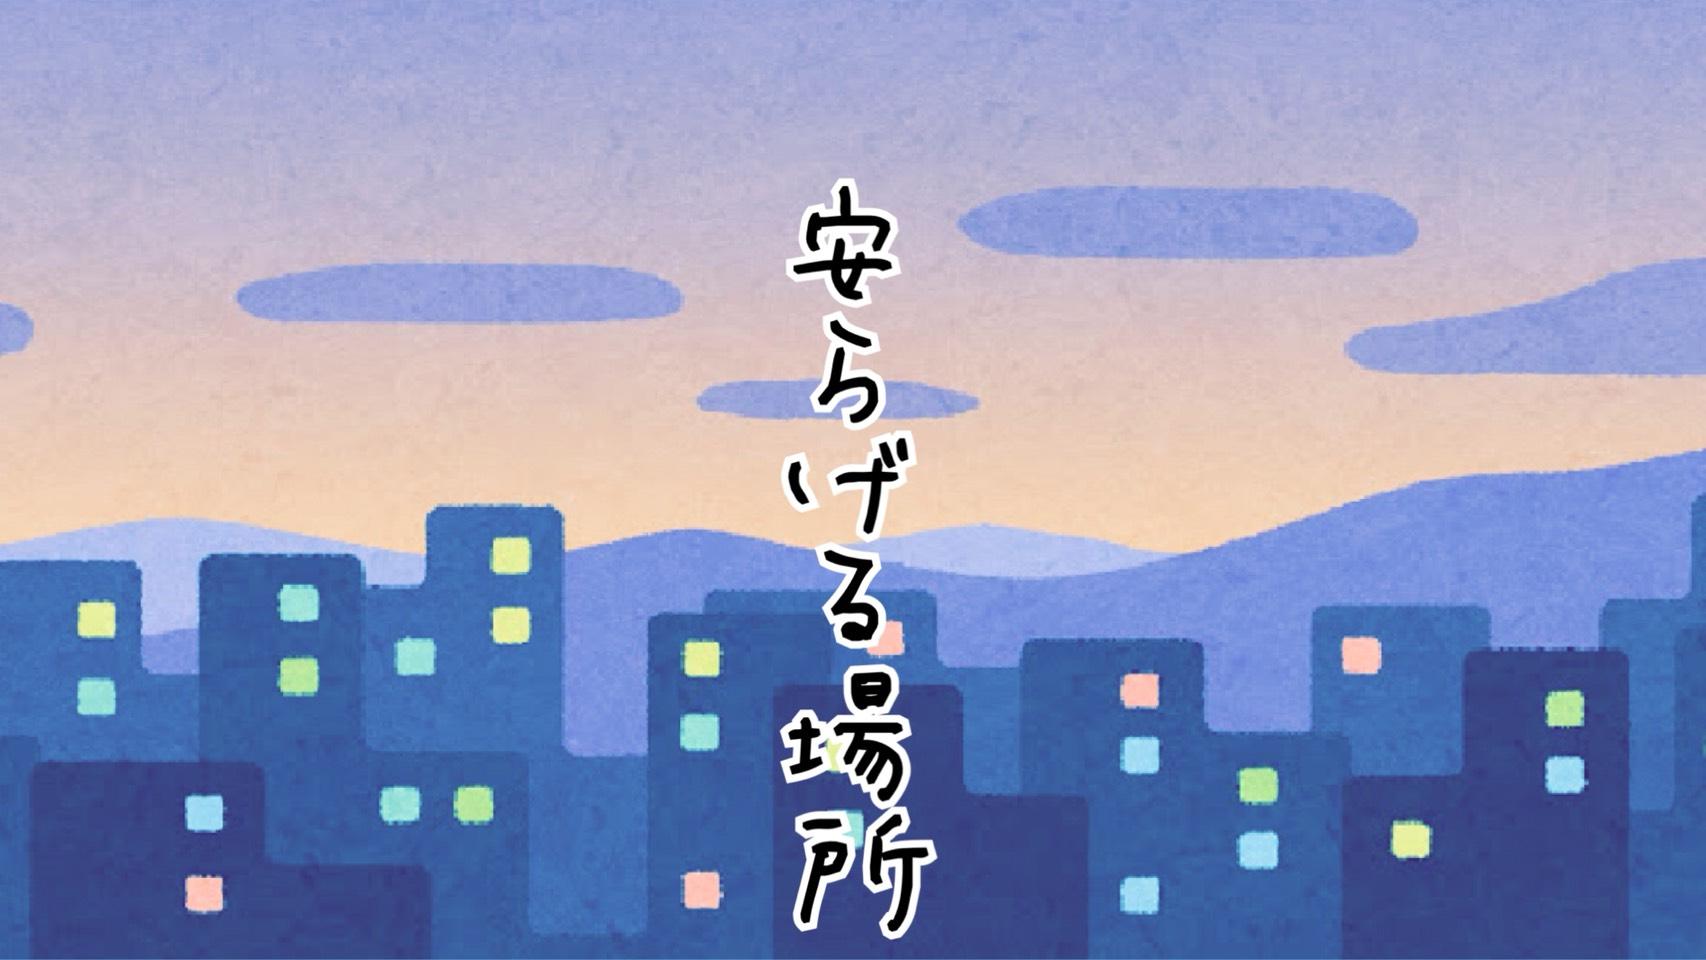 「安らげる場所」のイメージ